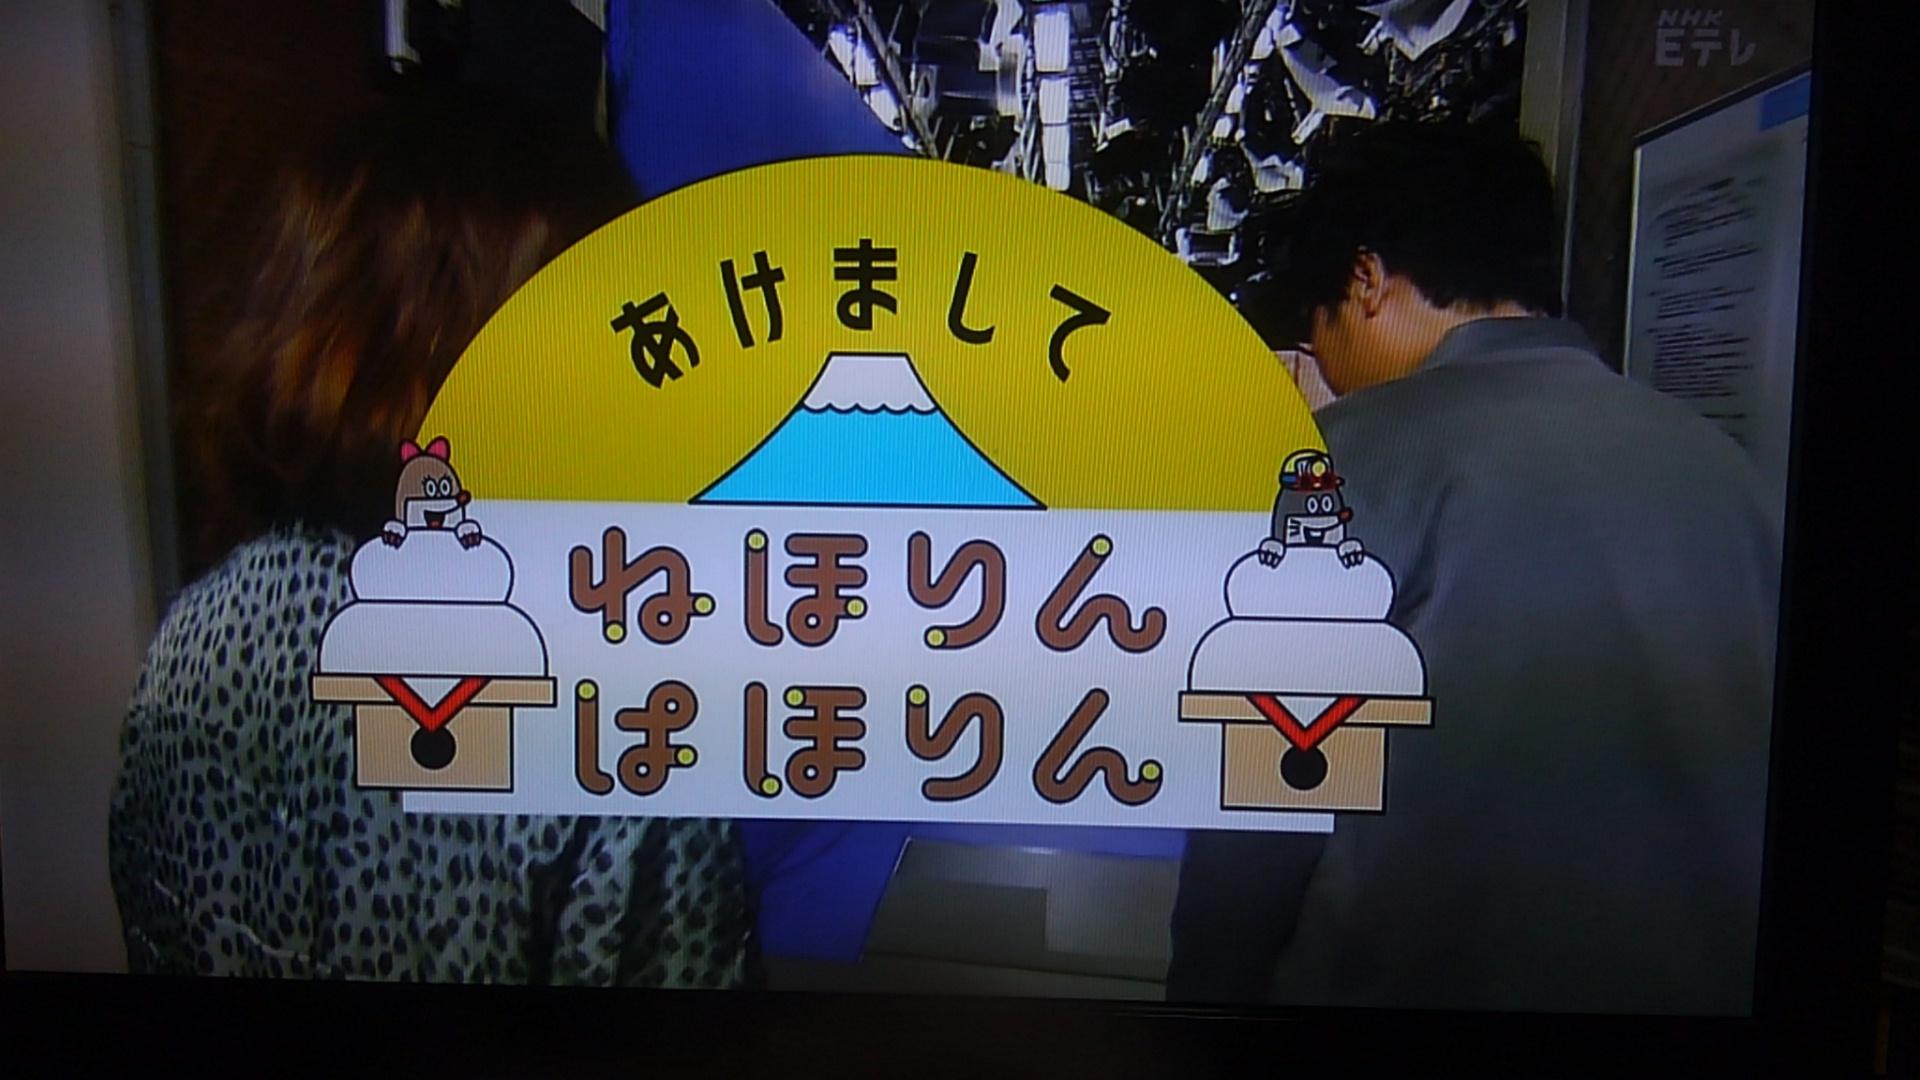 あけましてねほりんぱほりん!!